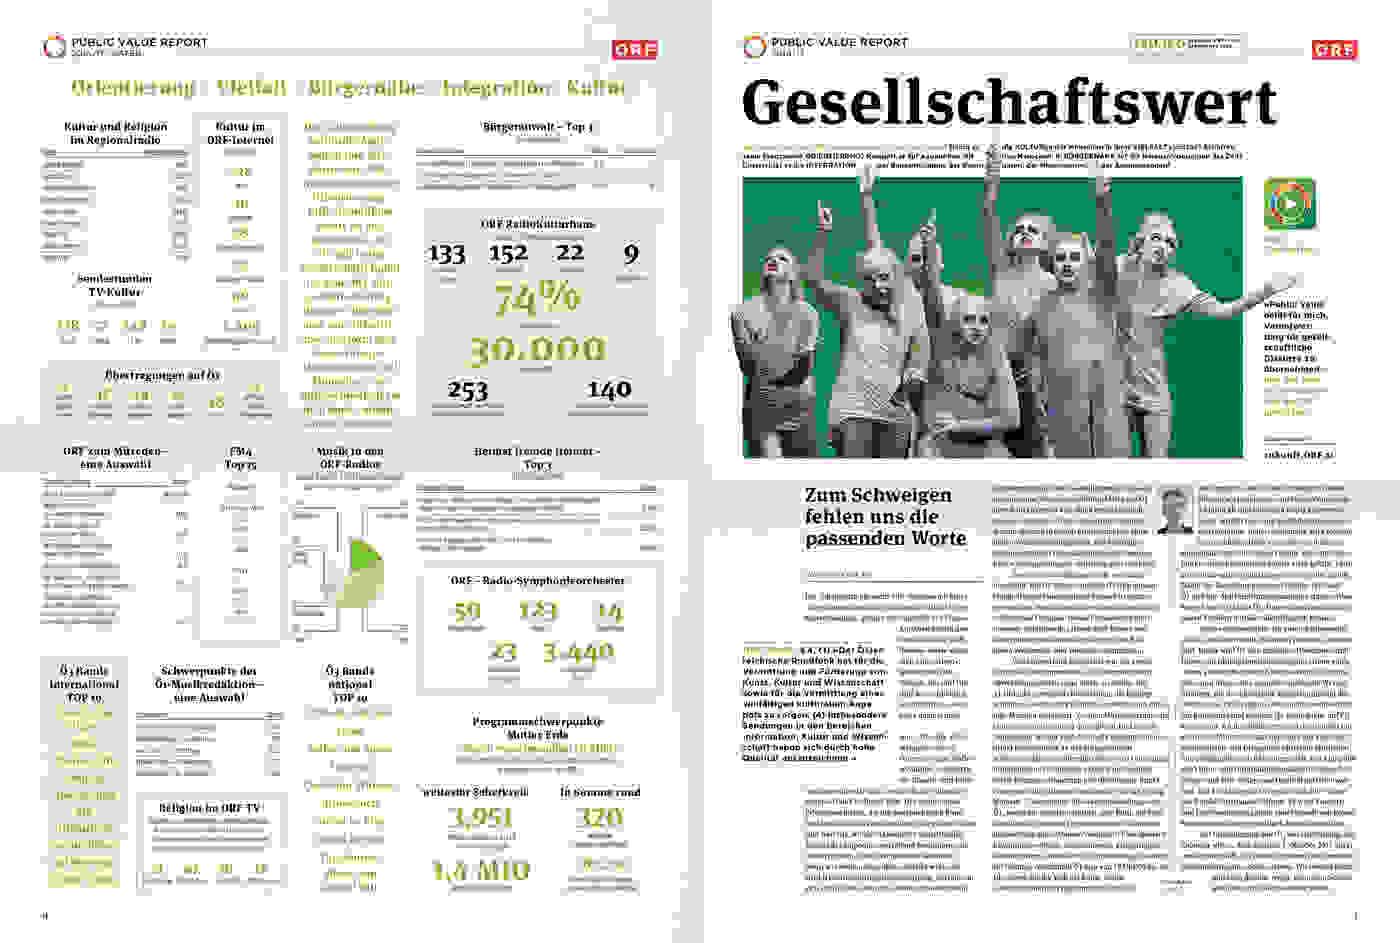 ORF PV 16 17 flat Dummy Zeitung Doppelseite 3